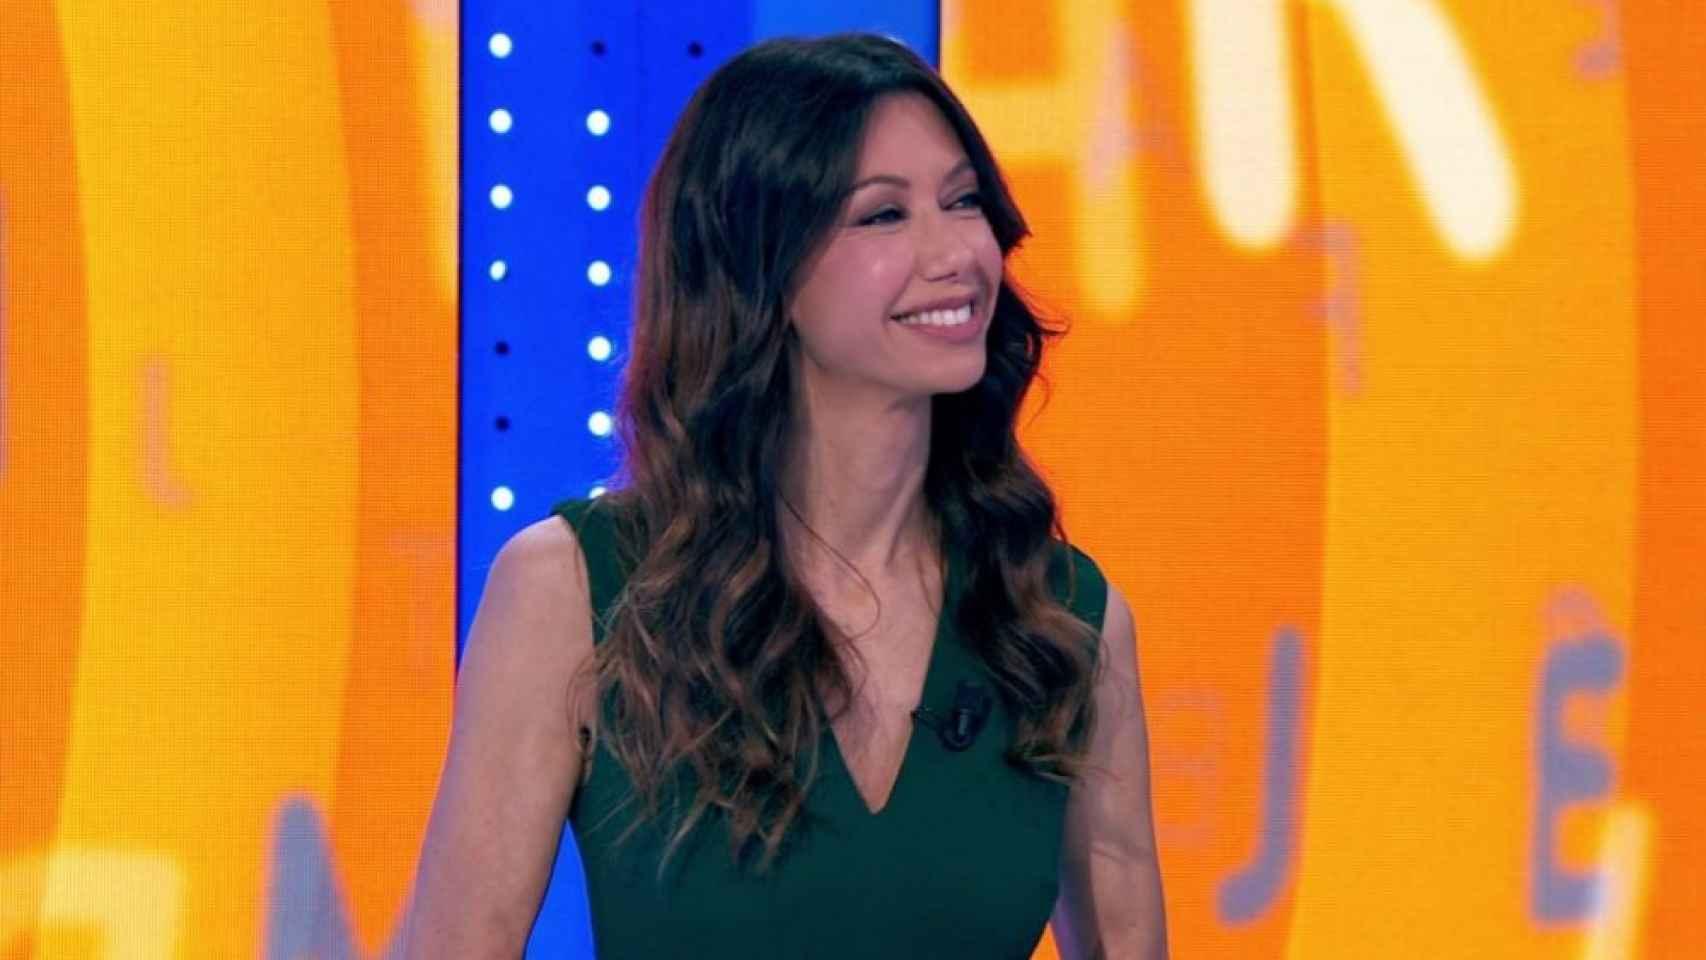 Quién es Cristina Alvis, la nueva copresentadora de 'Pasapalabra'